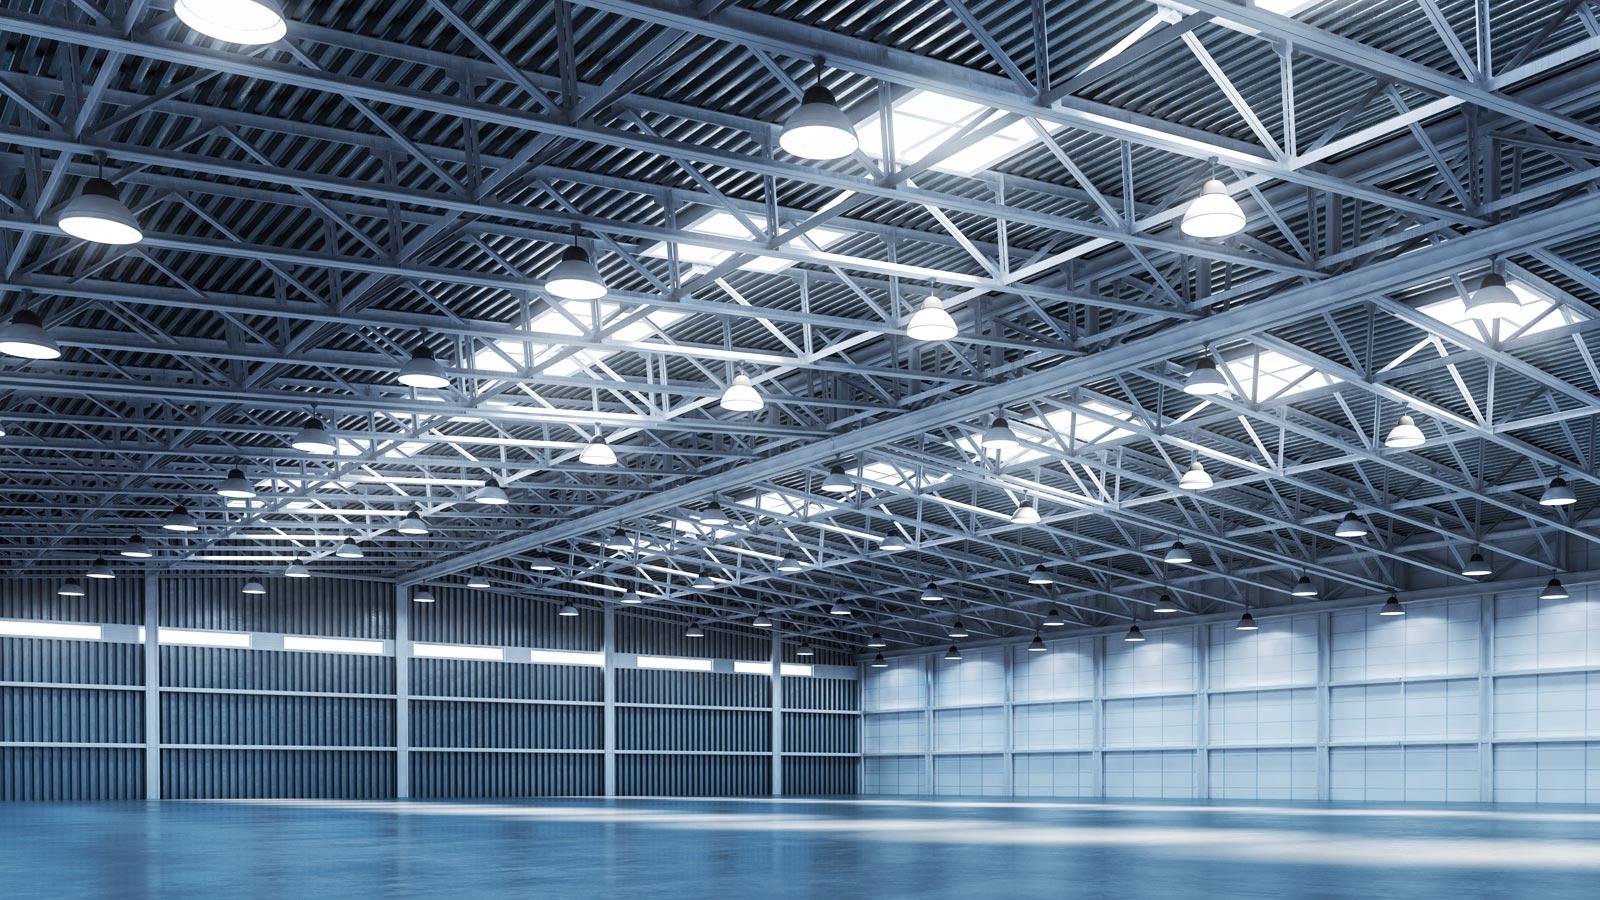 cignoli-elettroforniture-installazione-industriale-automazione-illuminazione-70